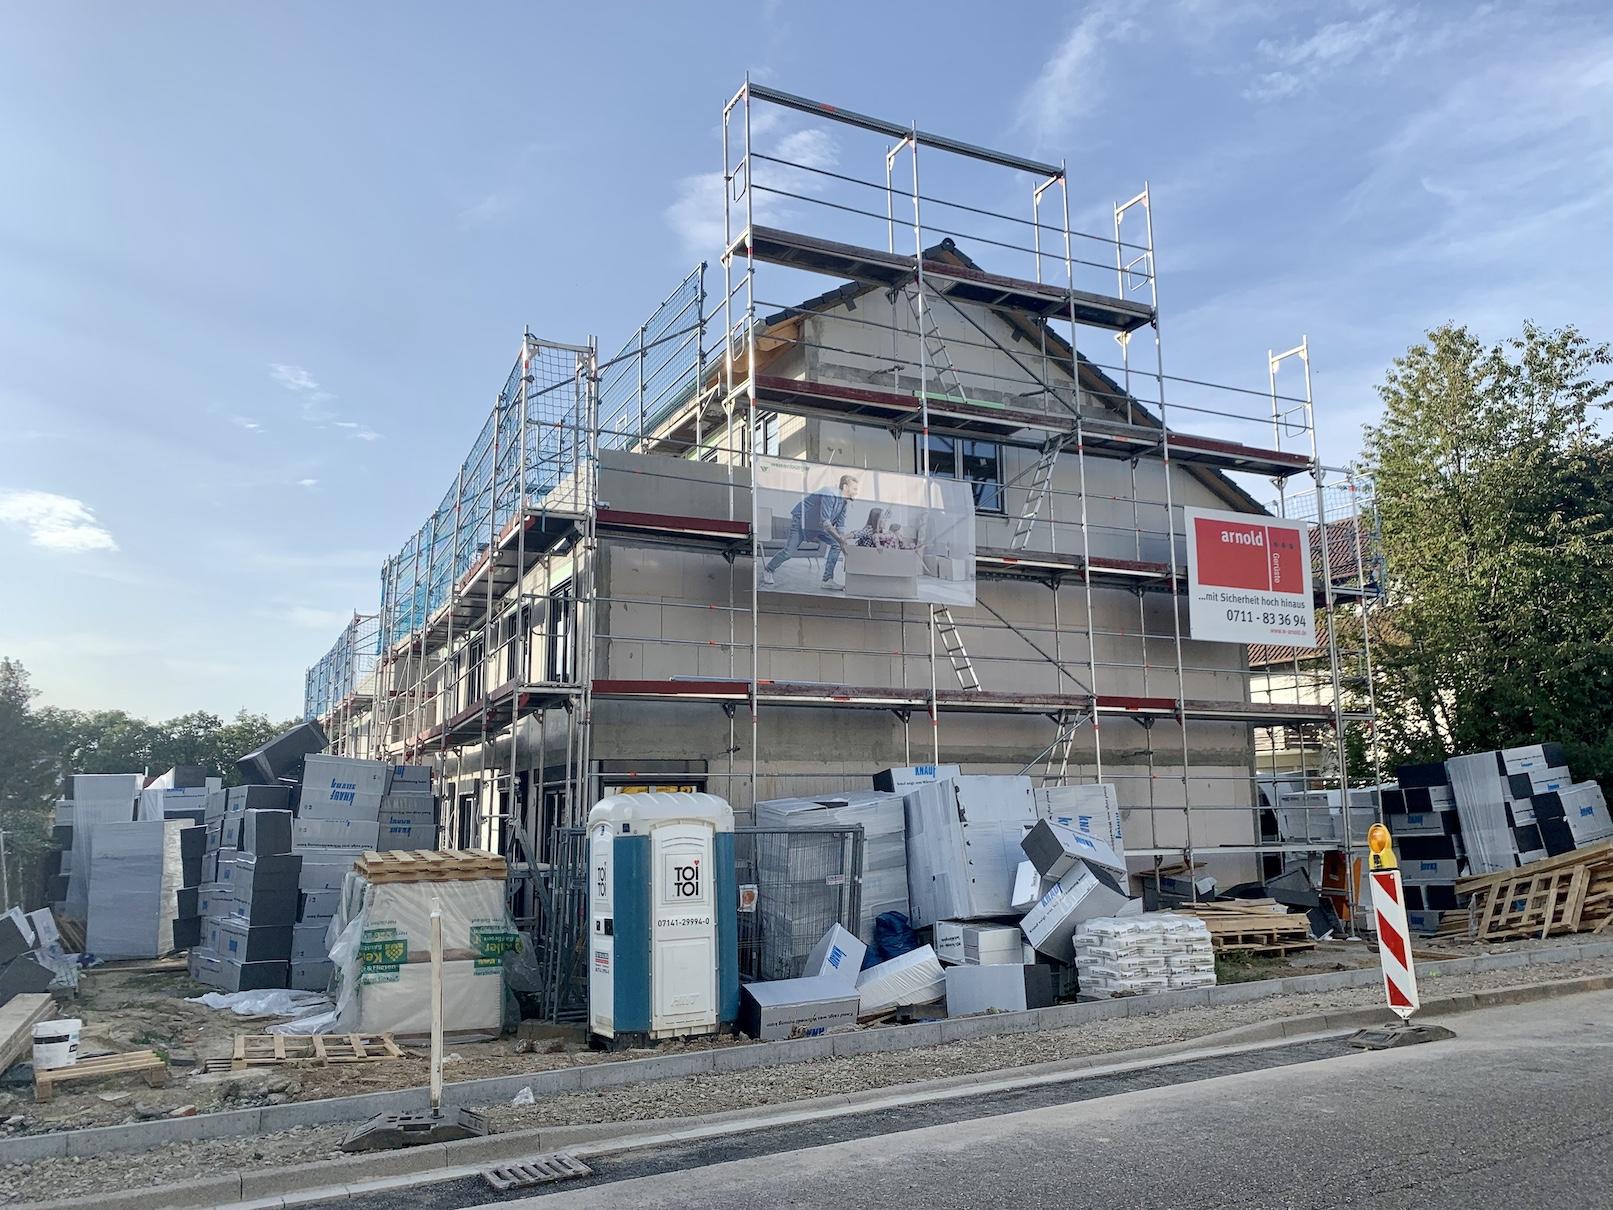 22.09.2021 - Die Fenster wurden eingebaut. Im Innenausbau sind die Rohinstallation für Heizung-, Sanitär- und Elektroanlagen fertiggestellt. Als nächstes wird der Estrich gegossen